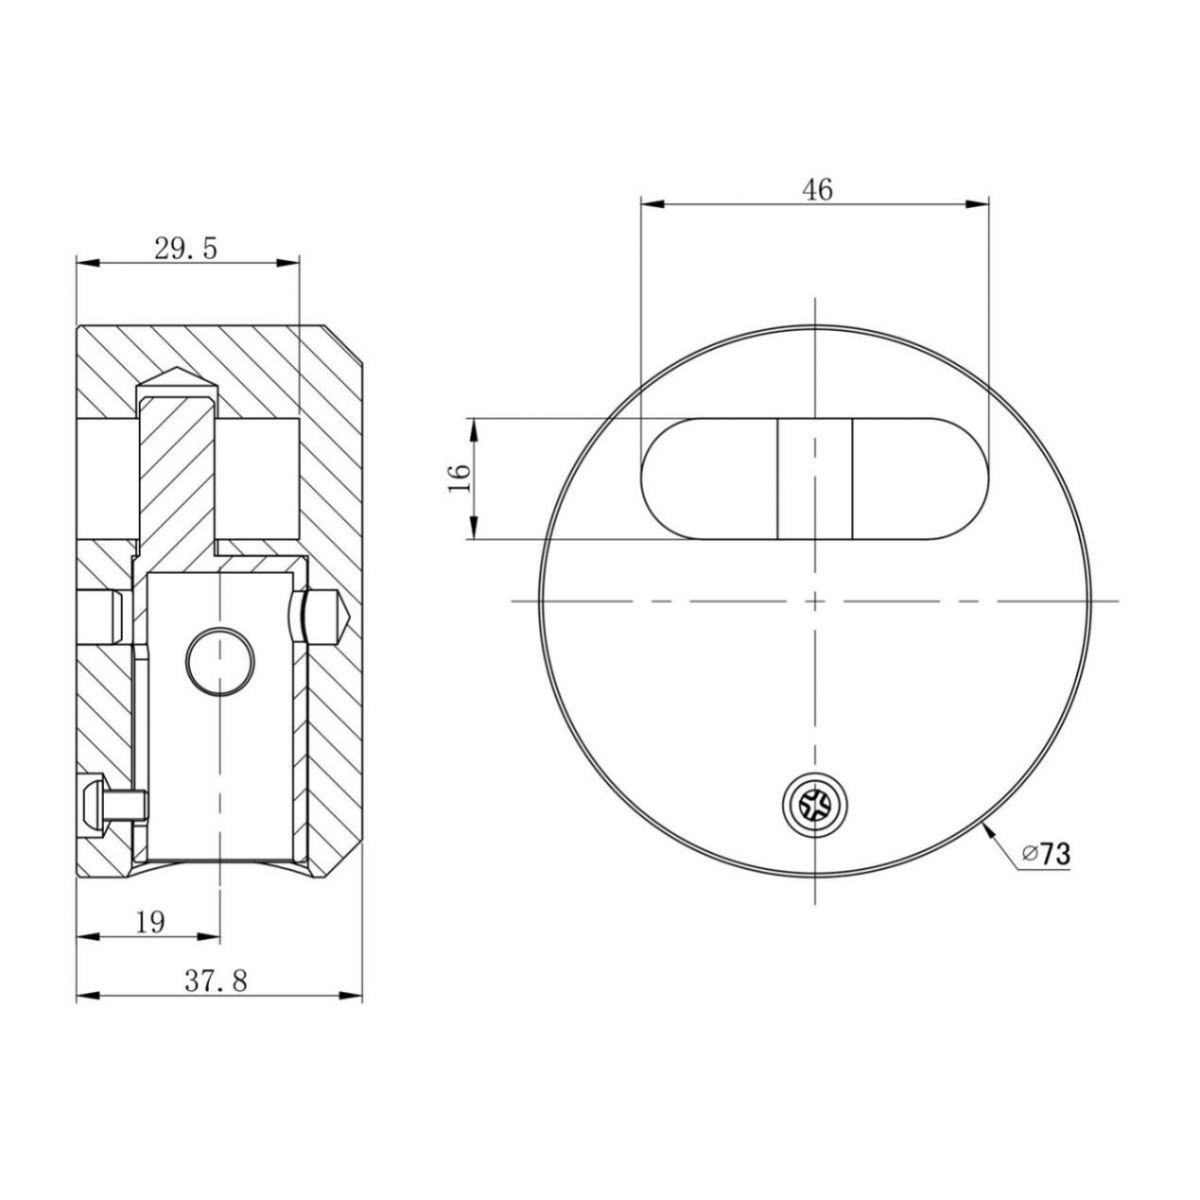 heavy-duty-van-padlock-mk618-dimension.jpg